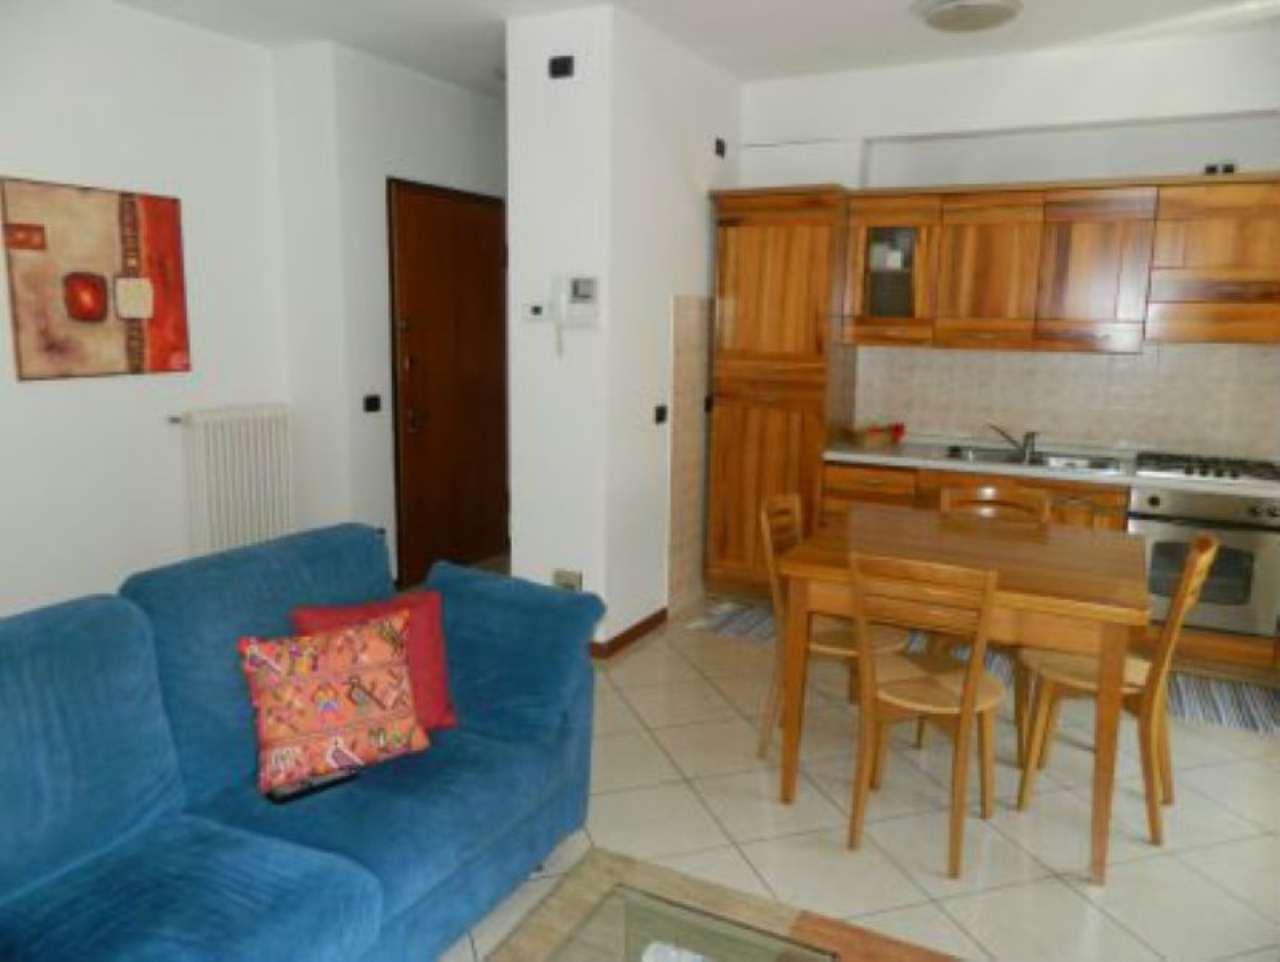 Appartamento in affitto a Sondrio, 3 locali, prezzo € 480 | PortaleAgenzieImmobiliari.it